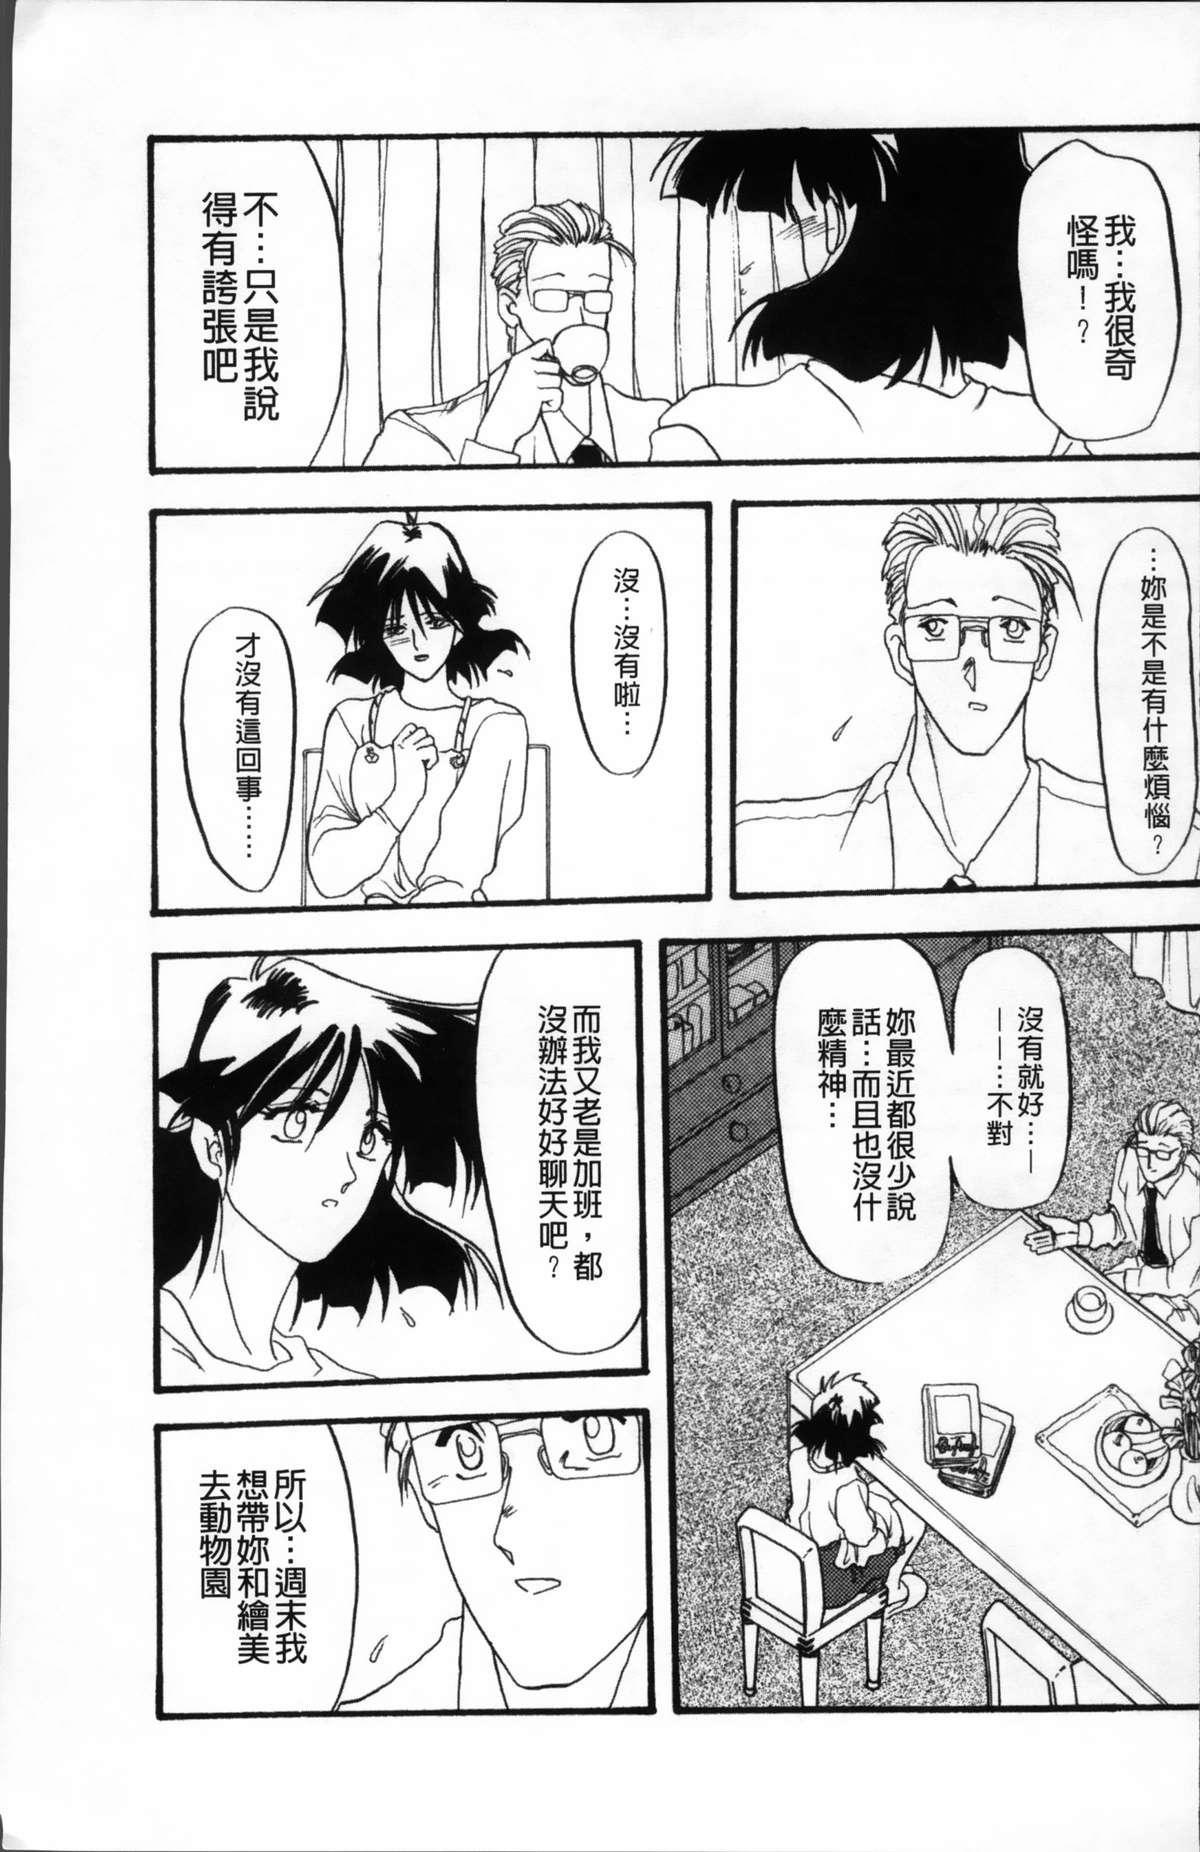 Hiiro no Koku Kanzenban   緋色之刻 完全版 58